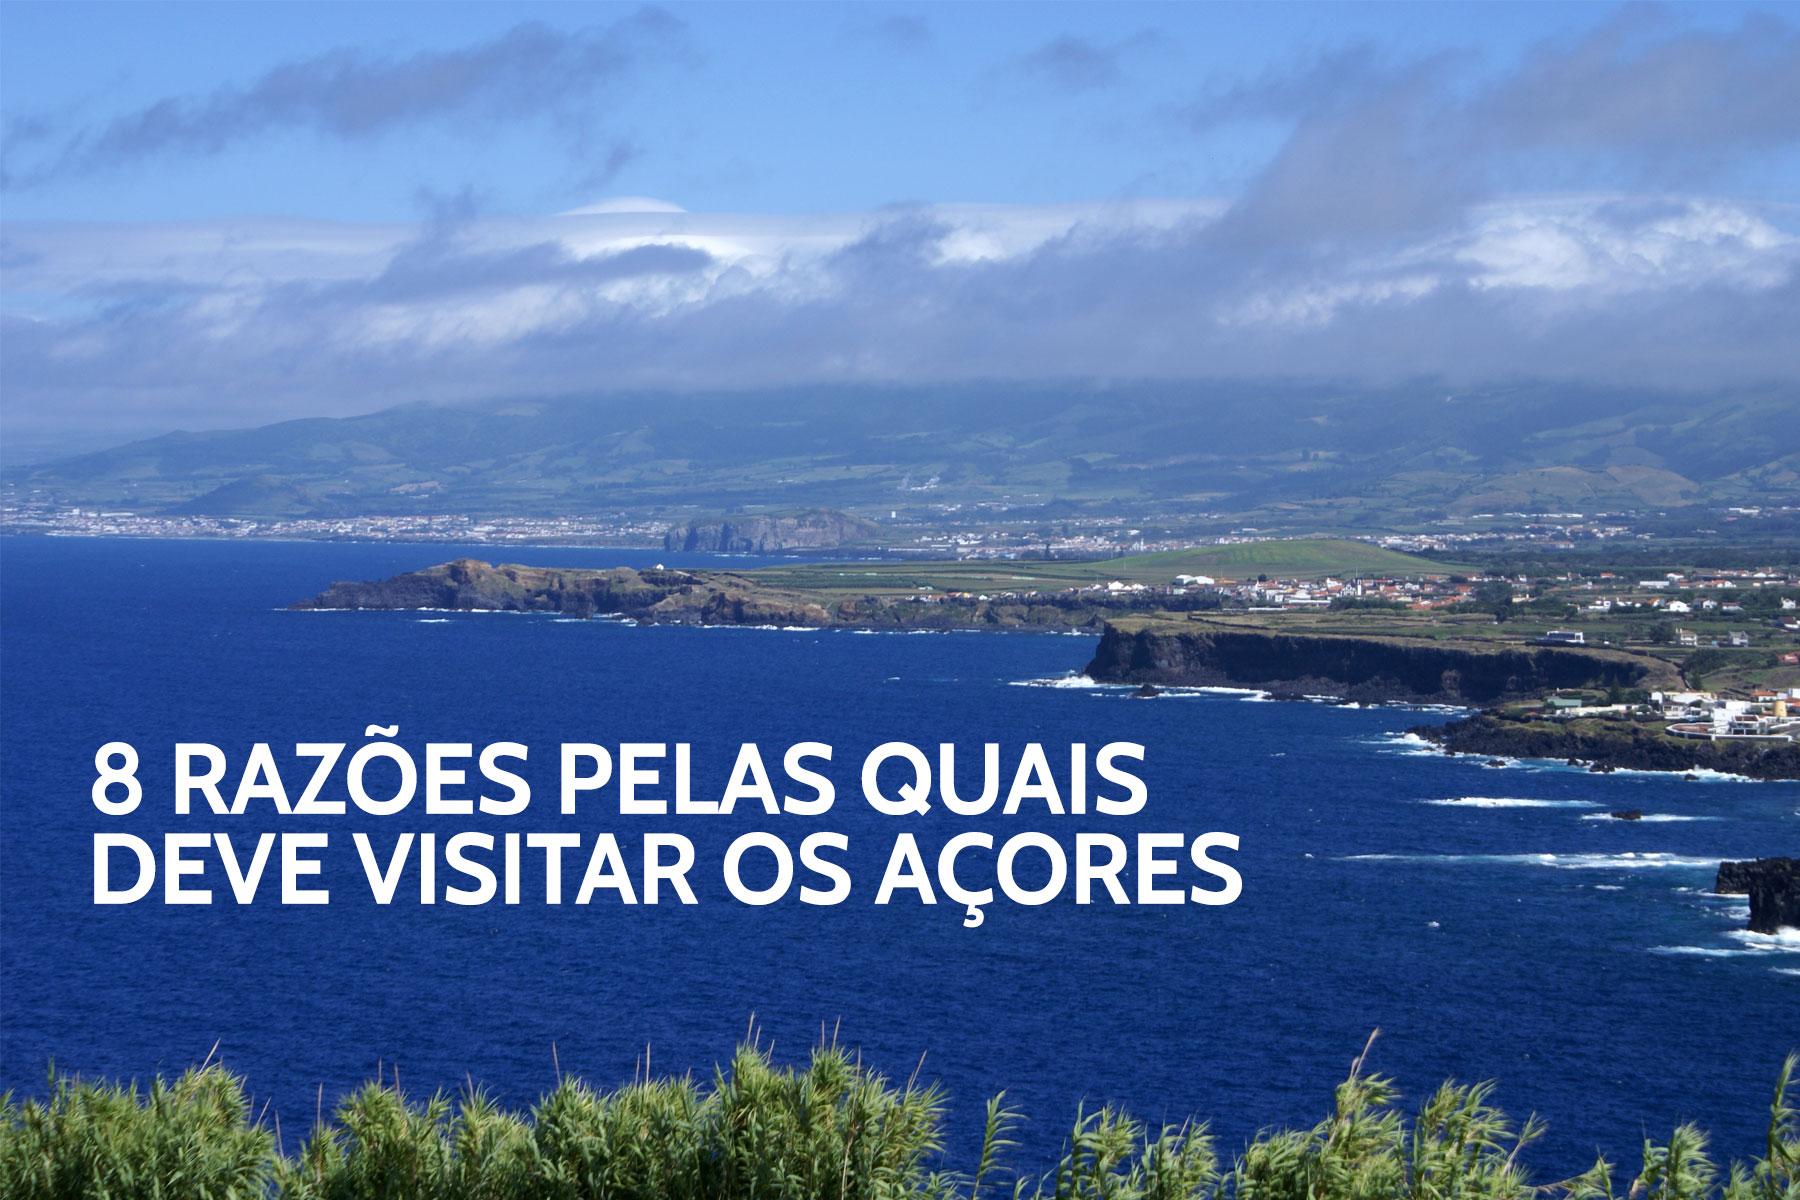 8 razões pelas quais deve conhecer e visitar os Açores